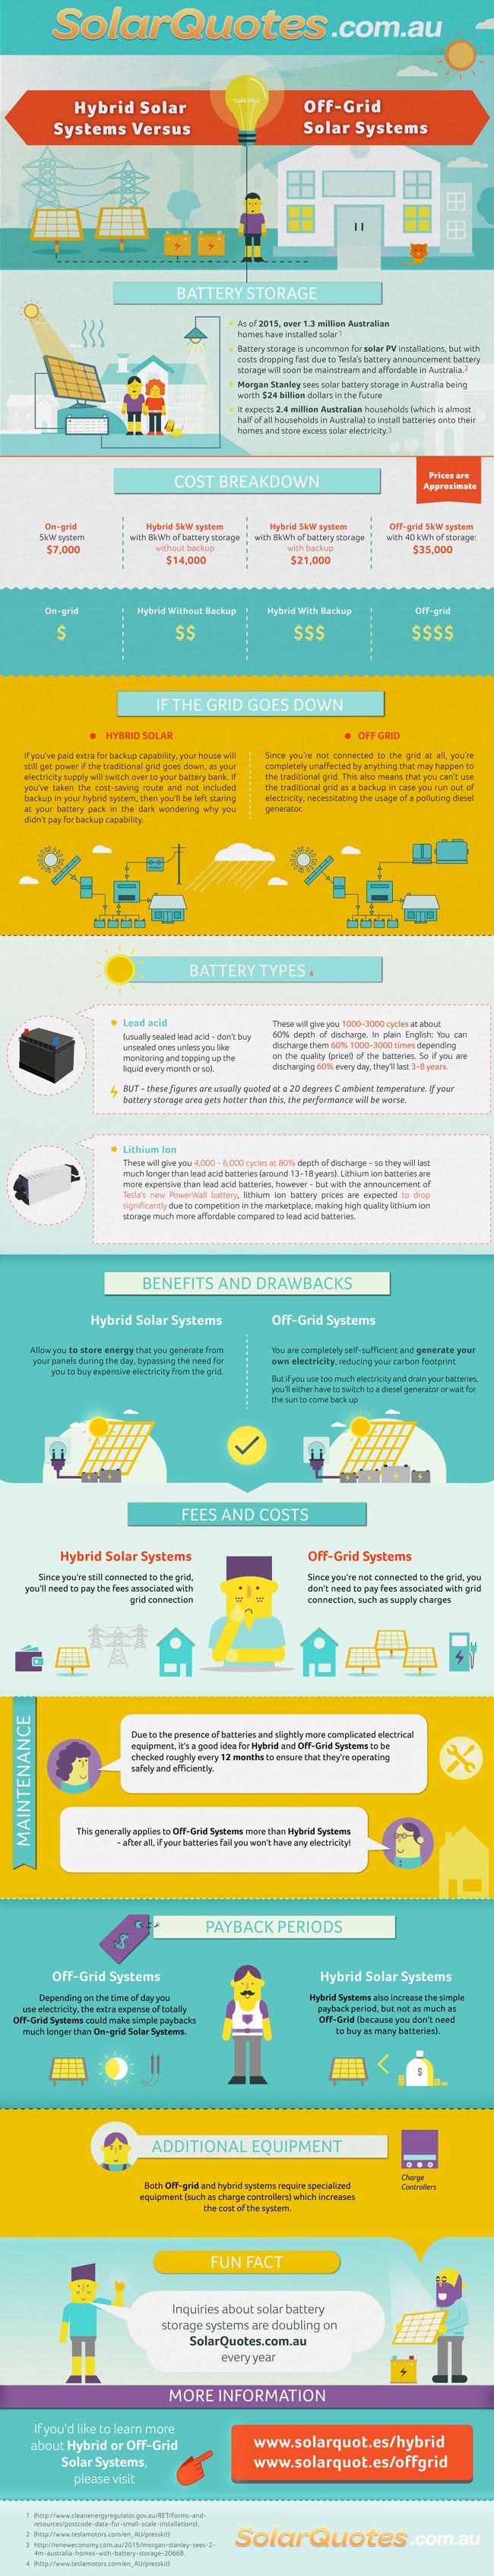 infographic explaining solar battery storage